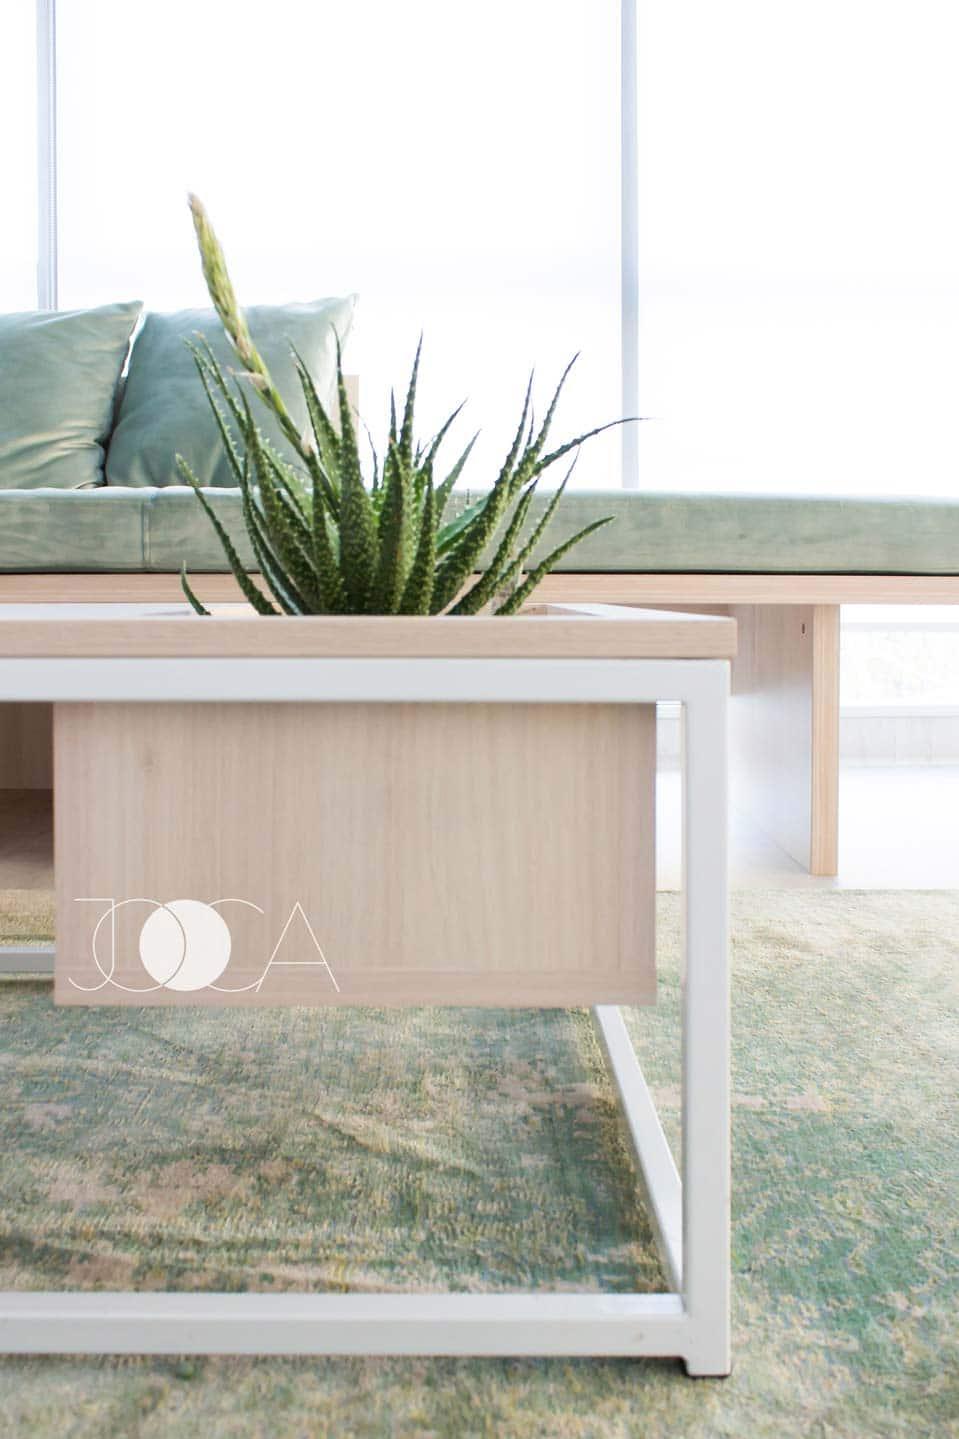 Zona de lounge din biropul CEO-ului este formata dintr-o bancgeta dip pat de zi si o masuta cu dadru metalic. Covorul verde completeaza atmosfera cosy.